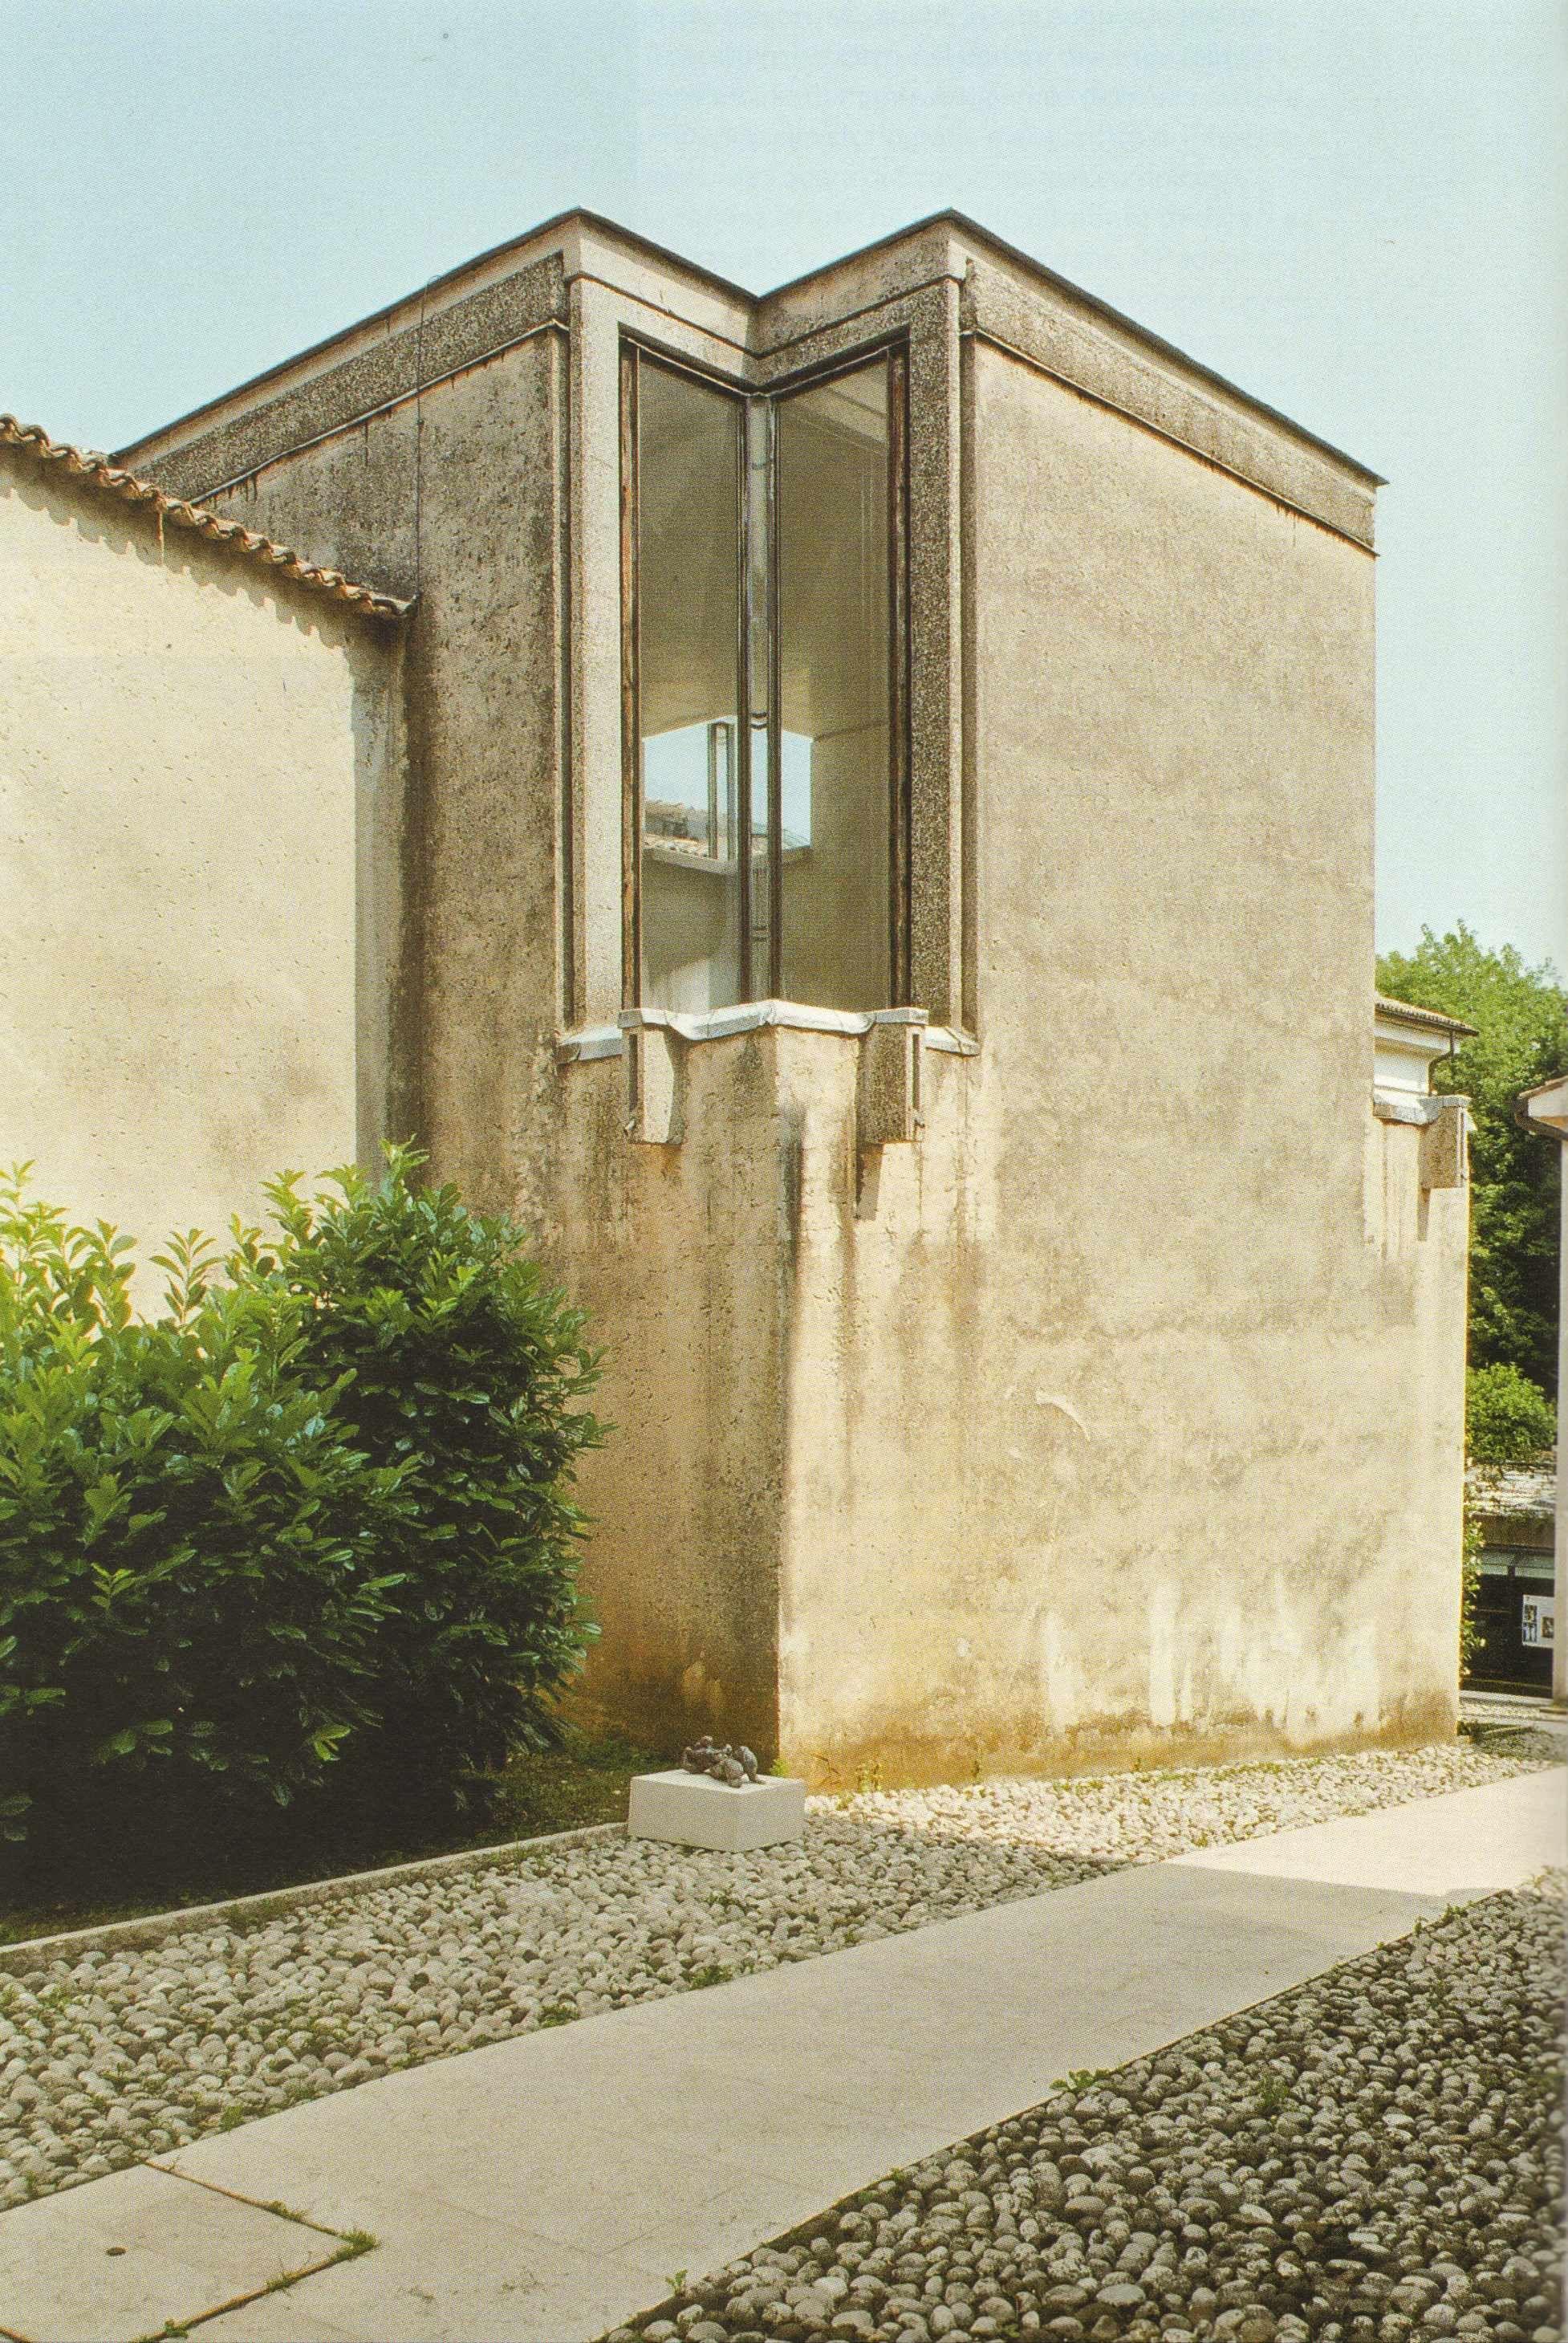 Museo Canova, by Carlo Scarpa. Canova, Italy (1957). | Museos arquitectura,  Fachada arquitectura, Arquitectura